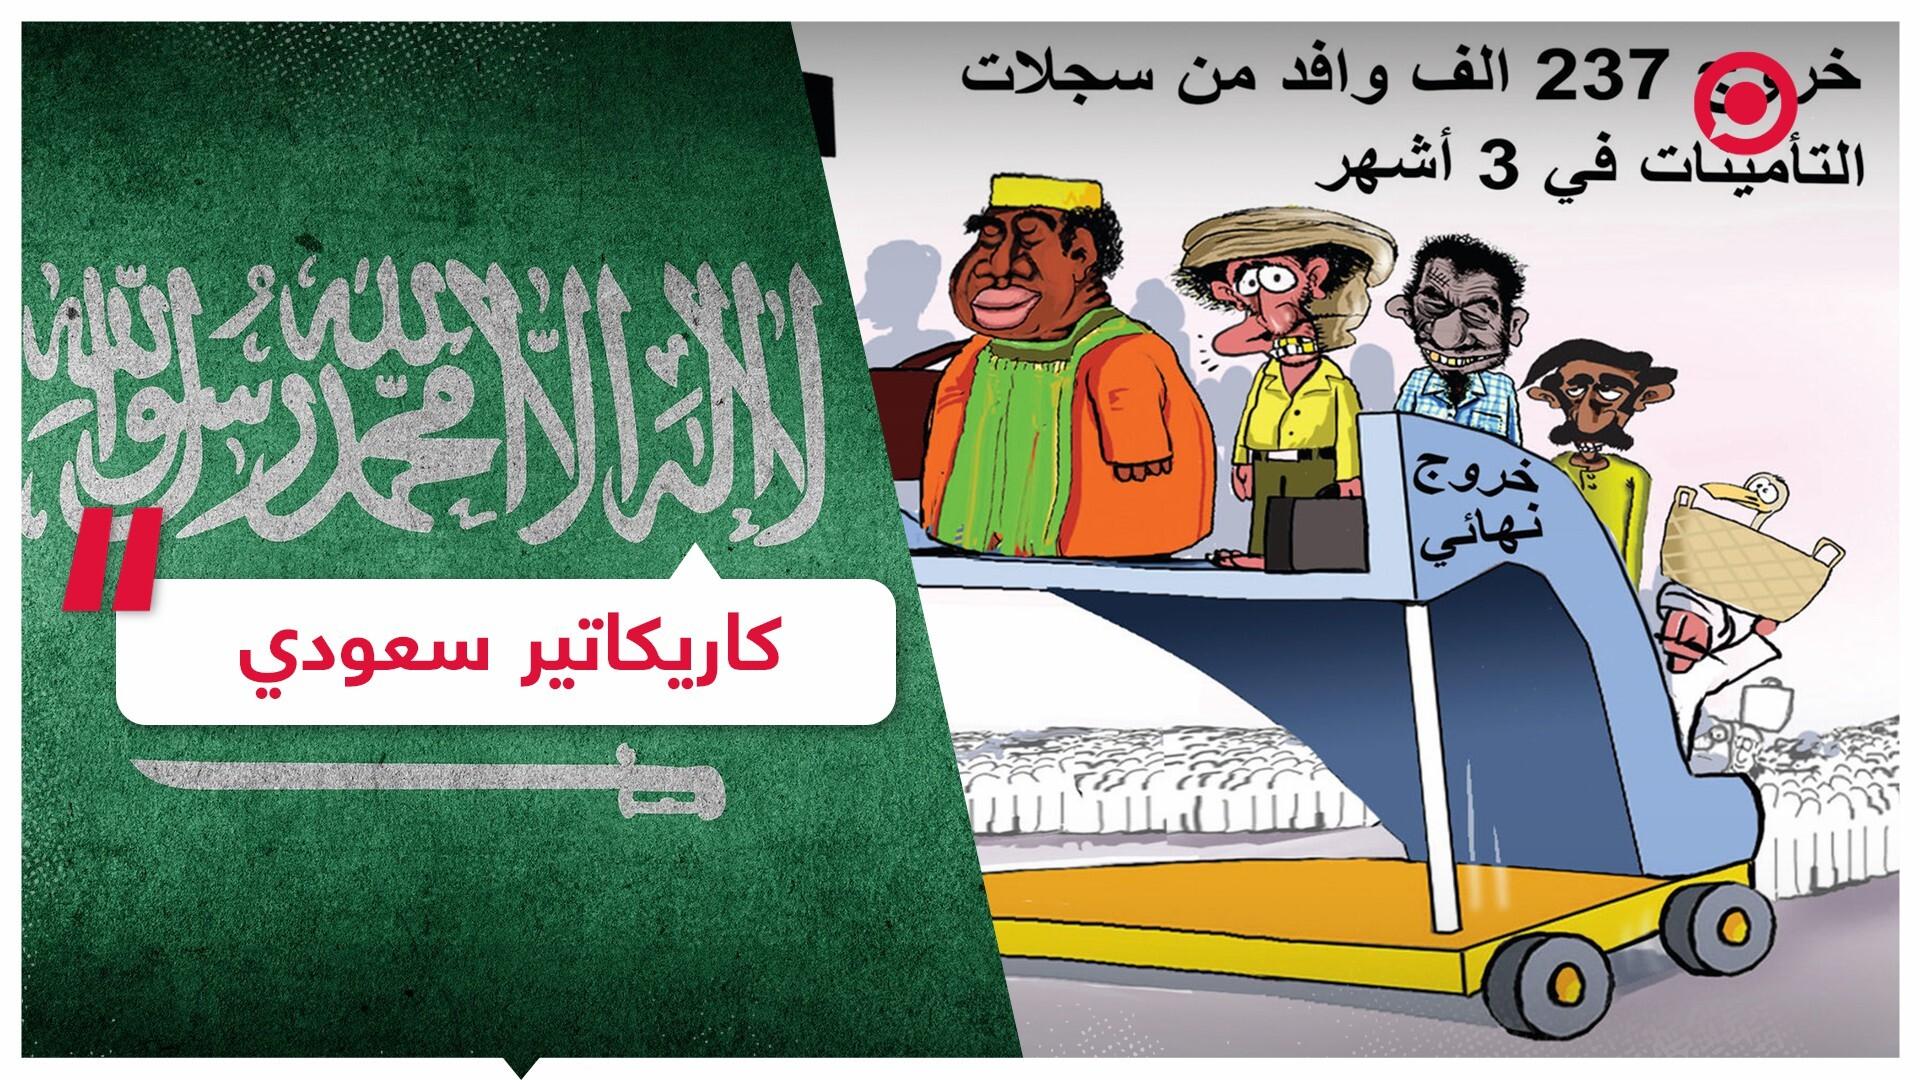 كاريكاتير في صحيفة سعودية عن العمالة الوافدة بالمملكة يثير ضجة واسعة